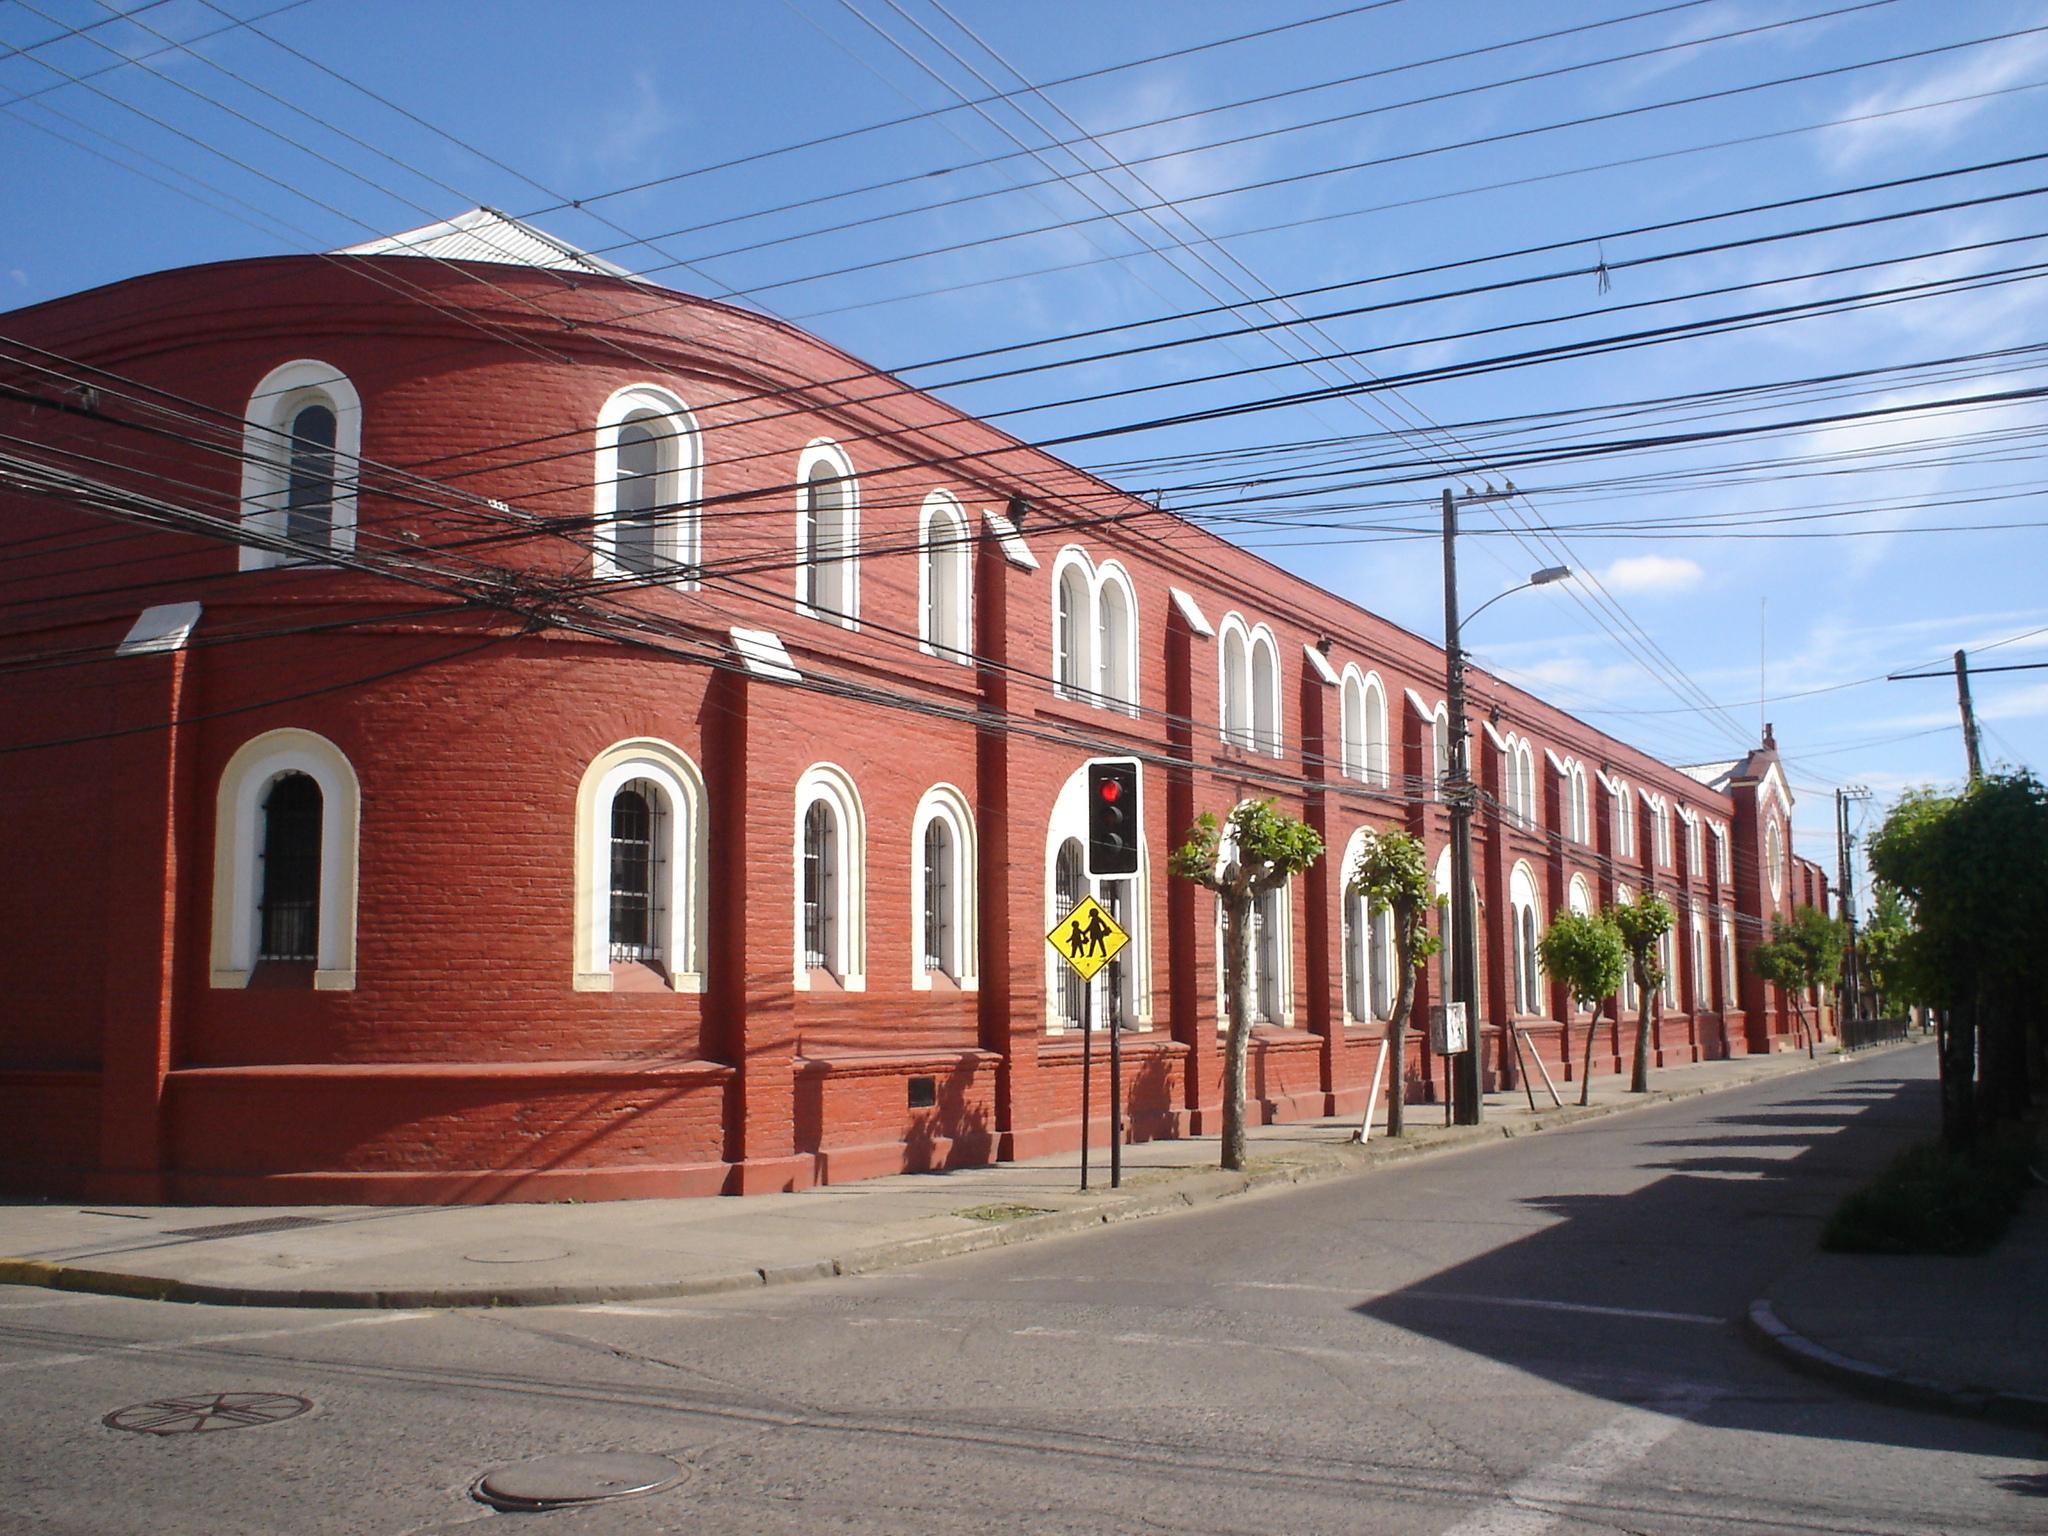 Colegio de la providencia